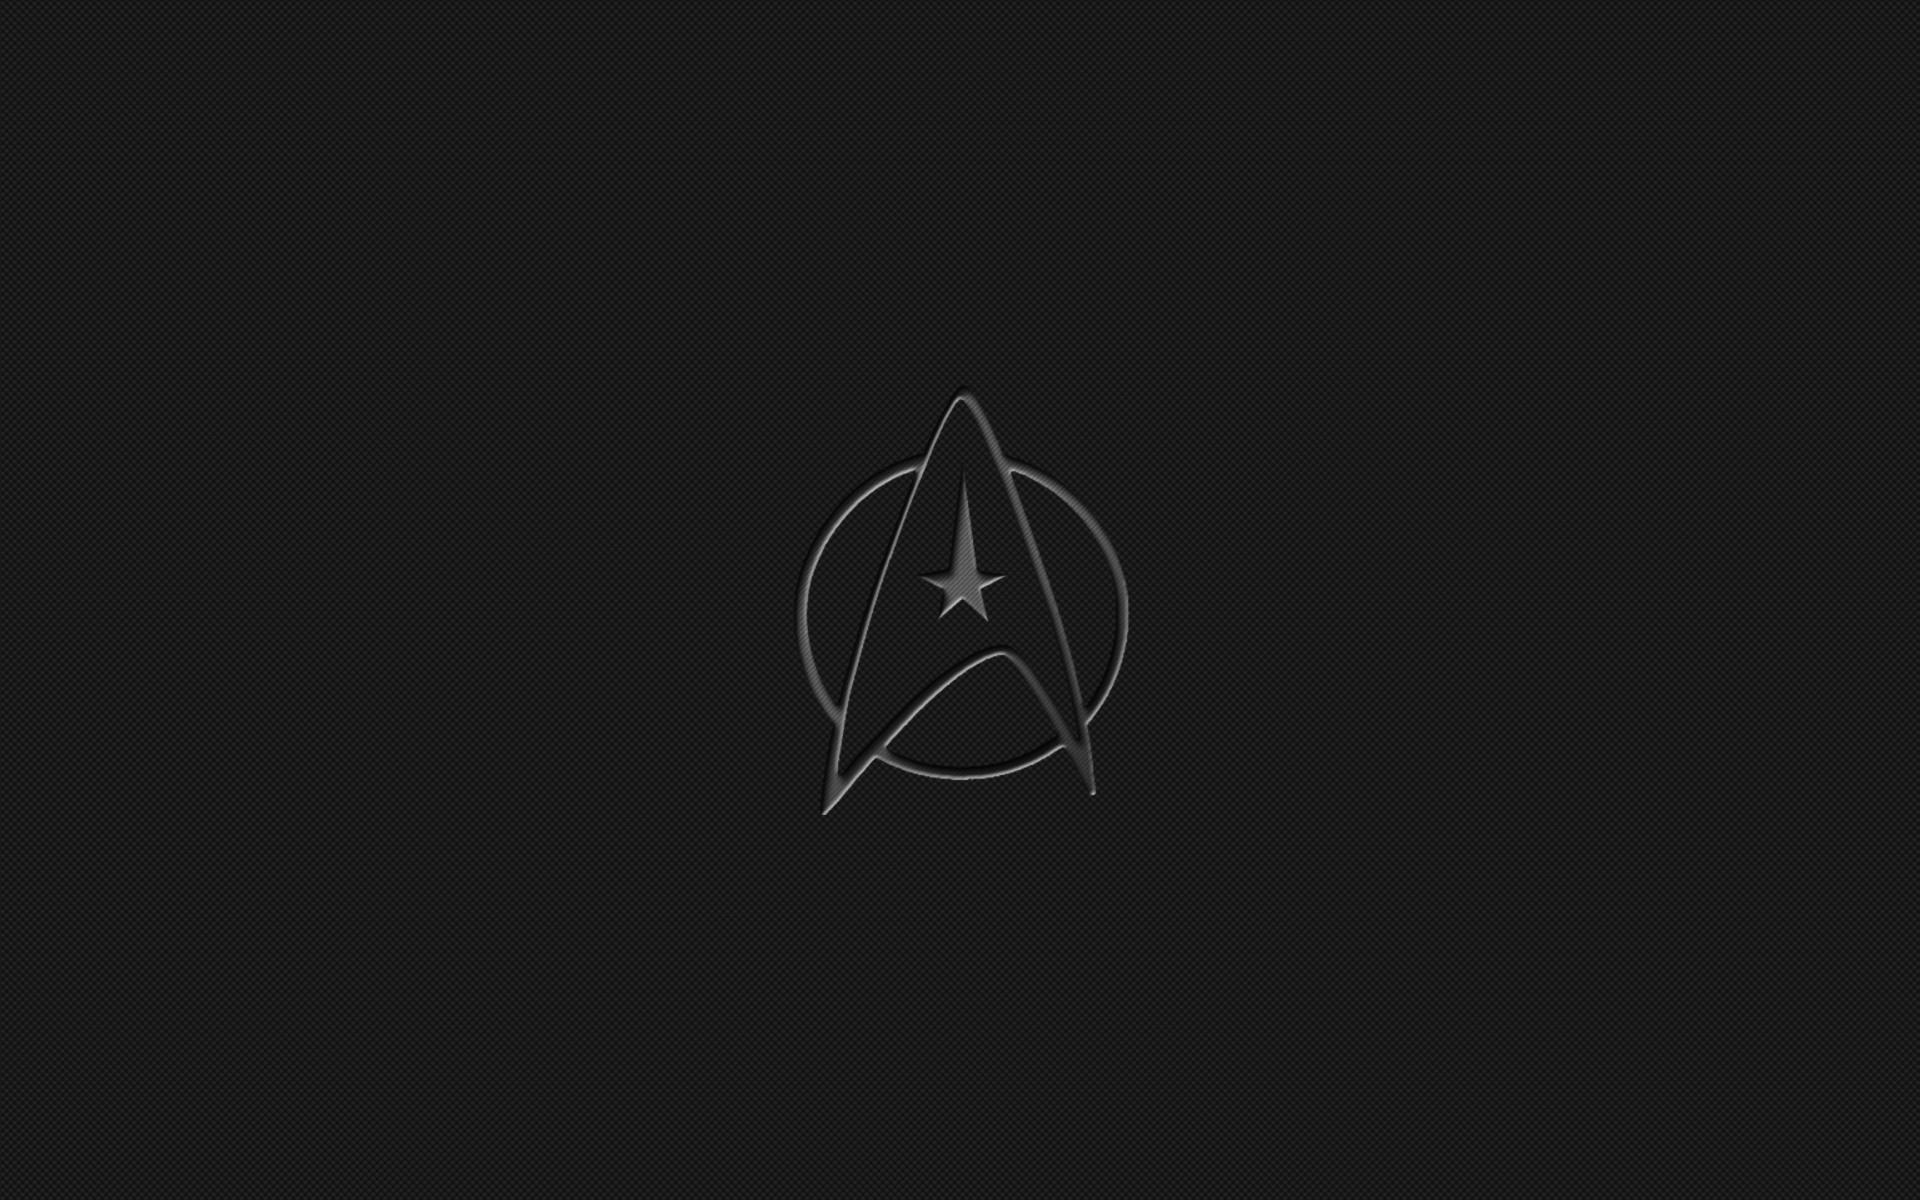 star trek logo wallpaper 71 images